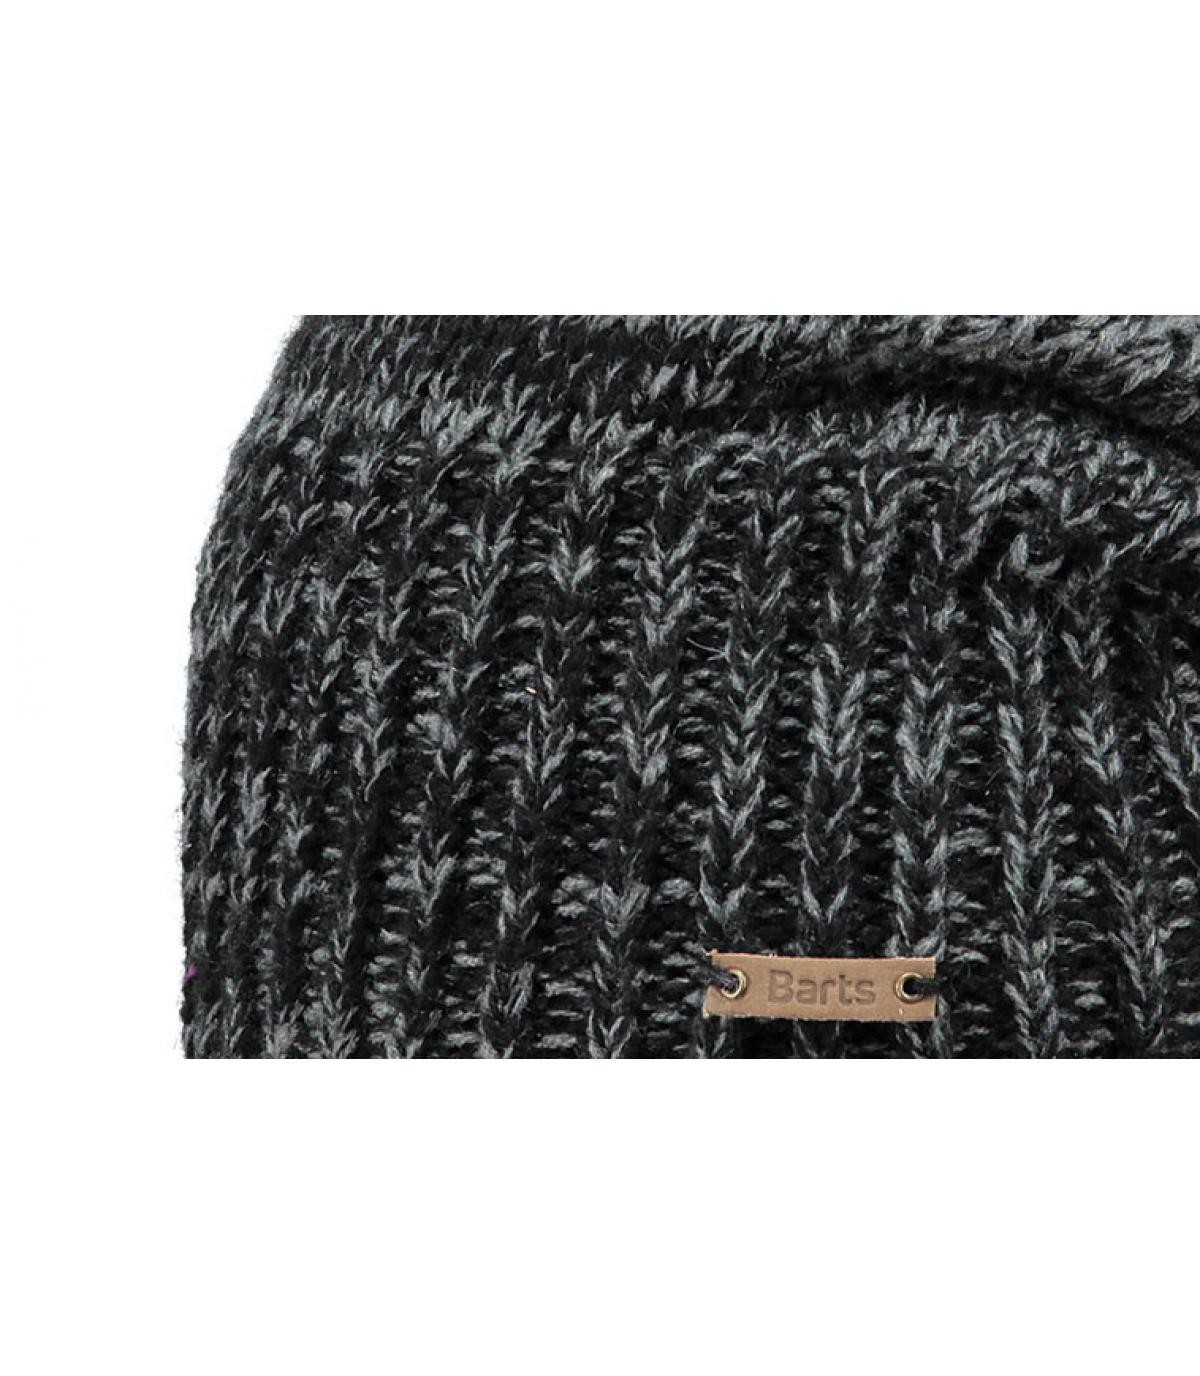 15fca933180 Bonnet long noir - Brighton beanie black par Barts.